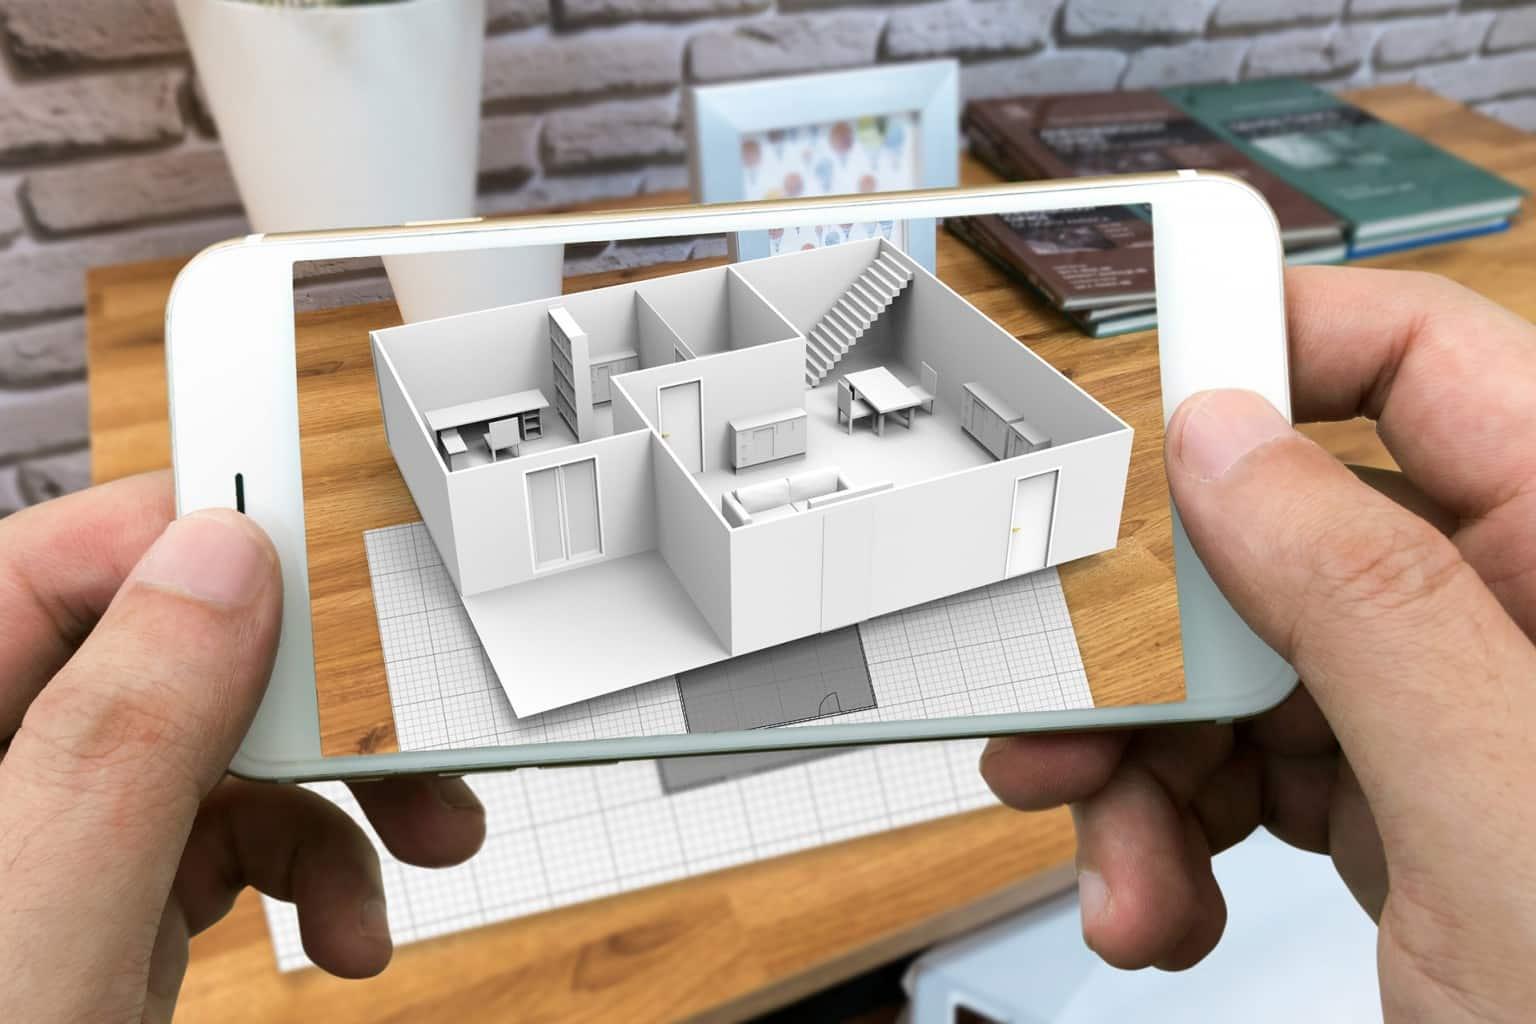 Projeto de casa em realidade aumentada - Estúdio de visualização 3D e sua forma de ajudar os arquitetos